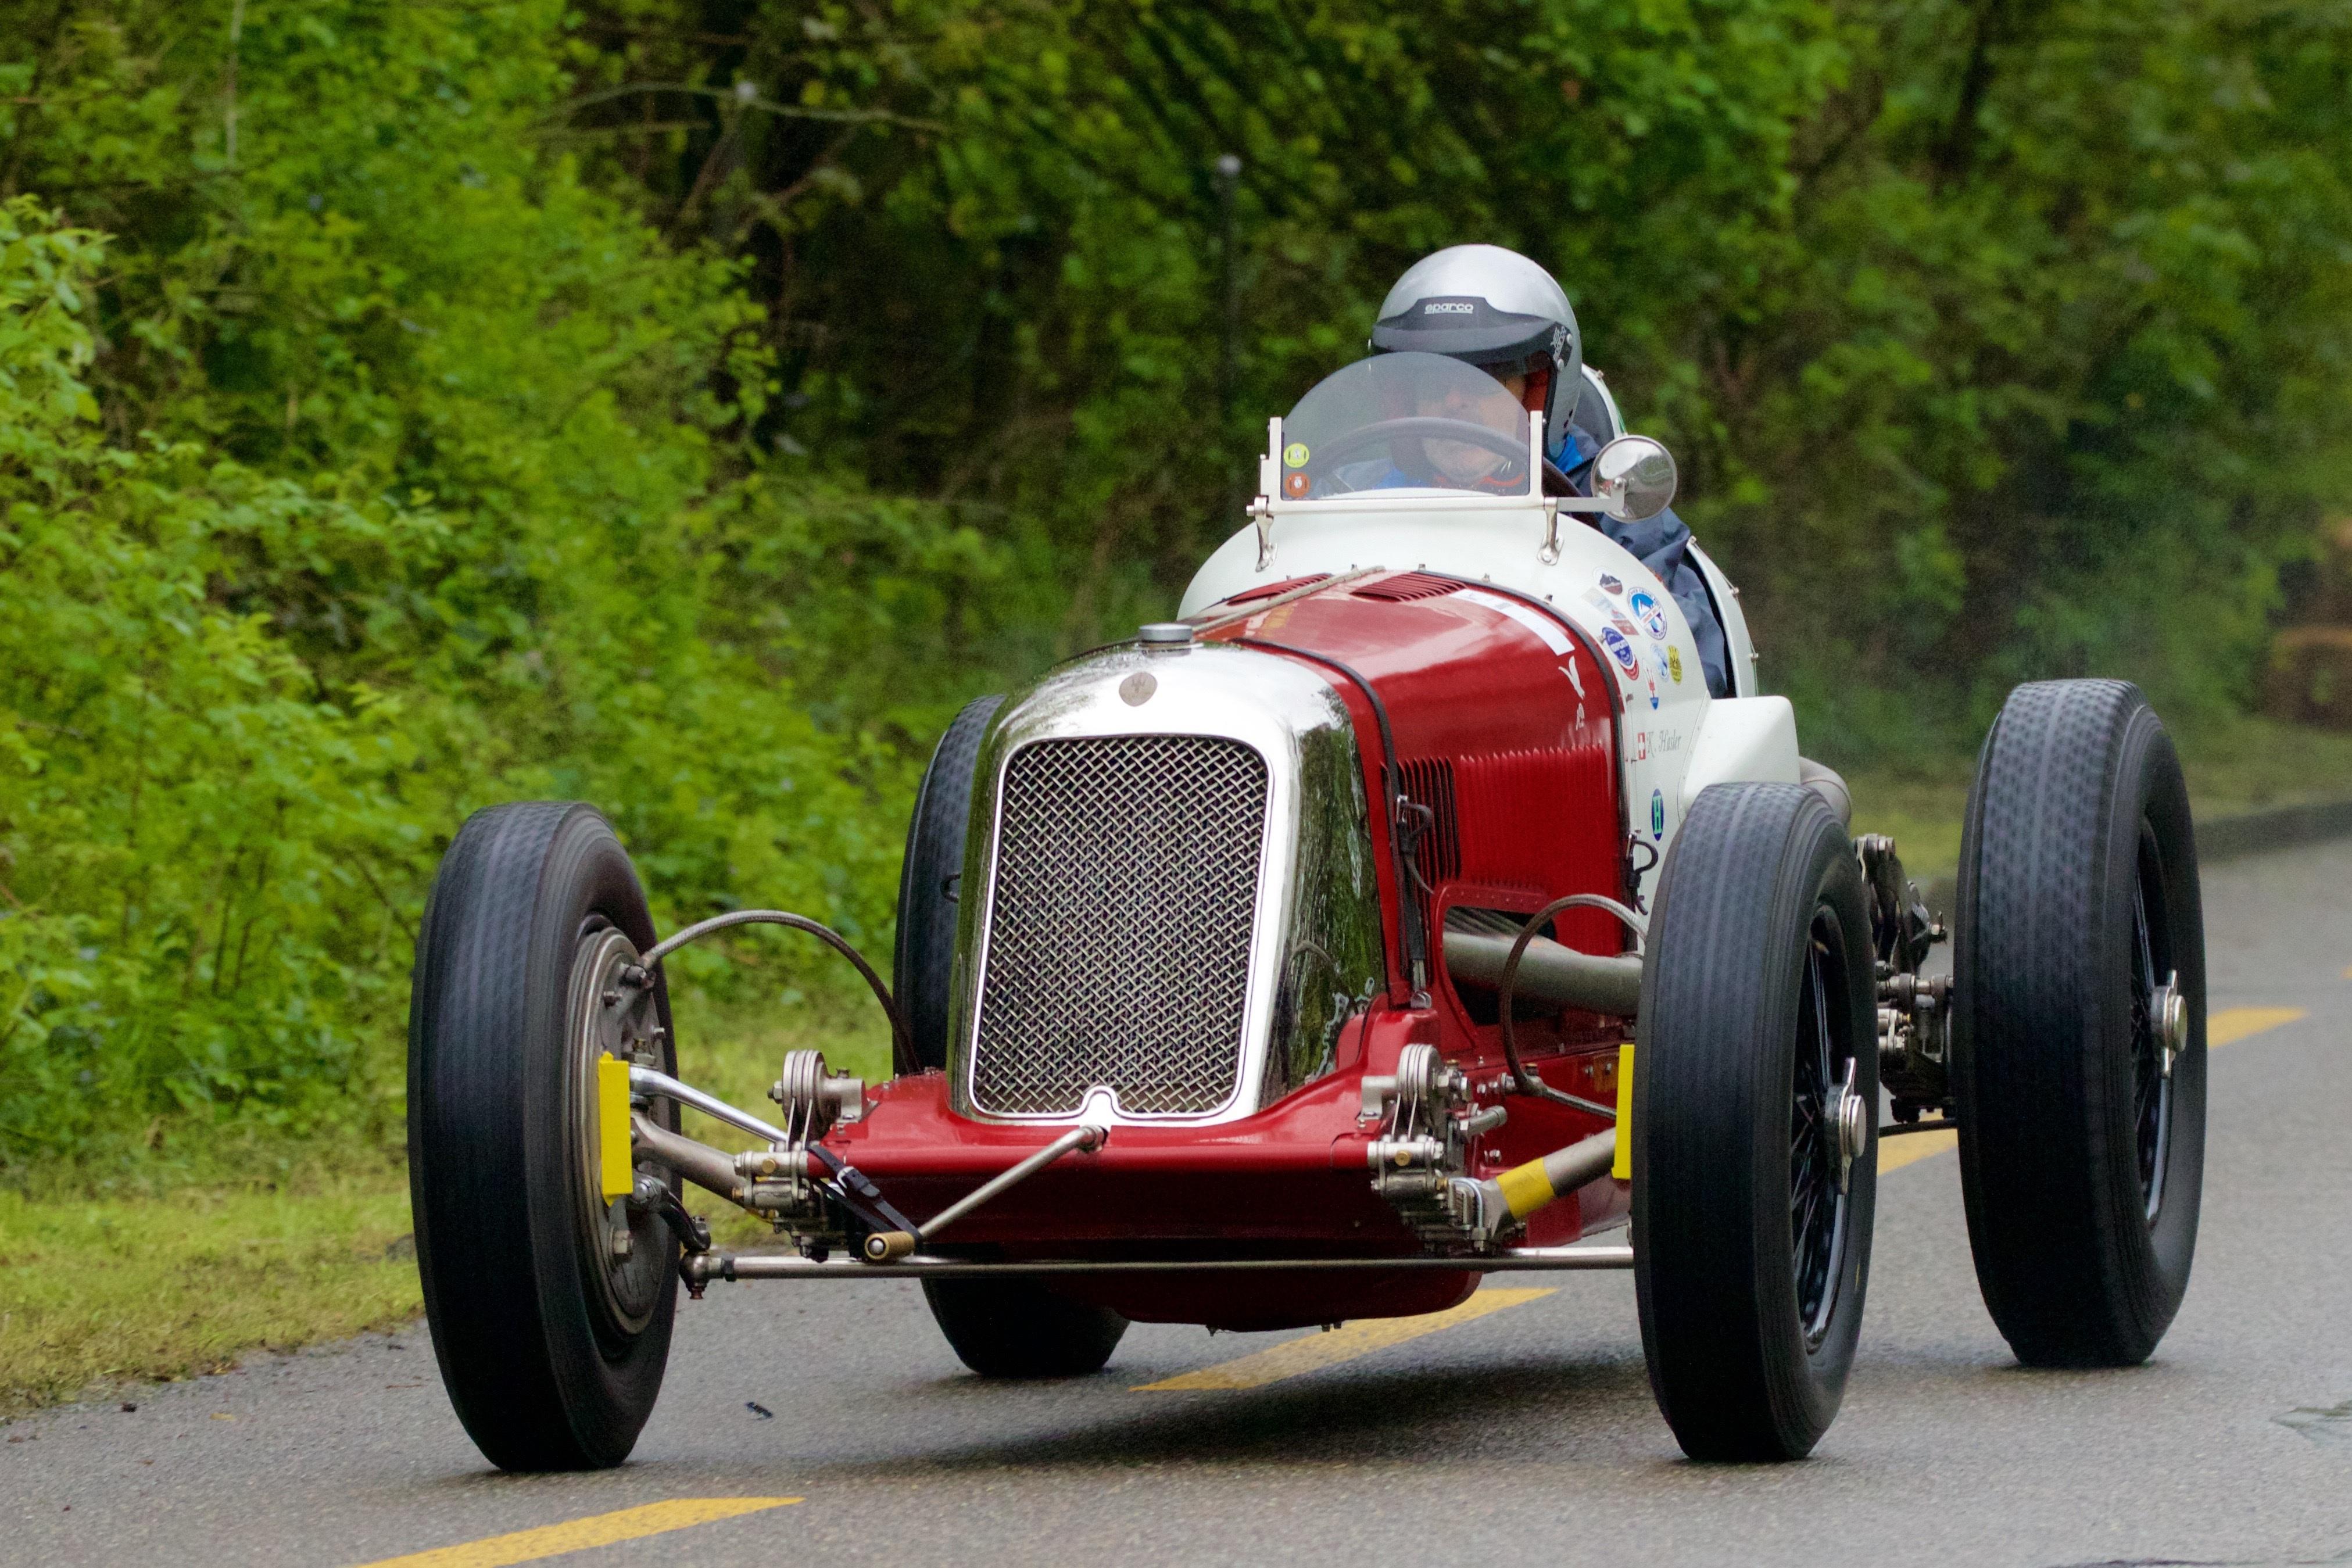 Free Images : wet, sports car, vintage car, race car, supercar ...